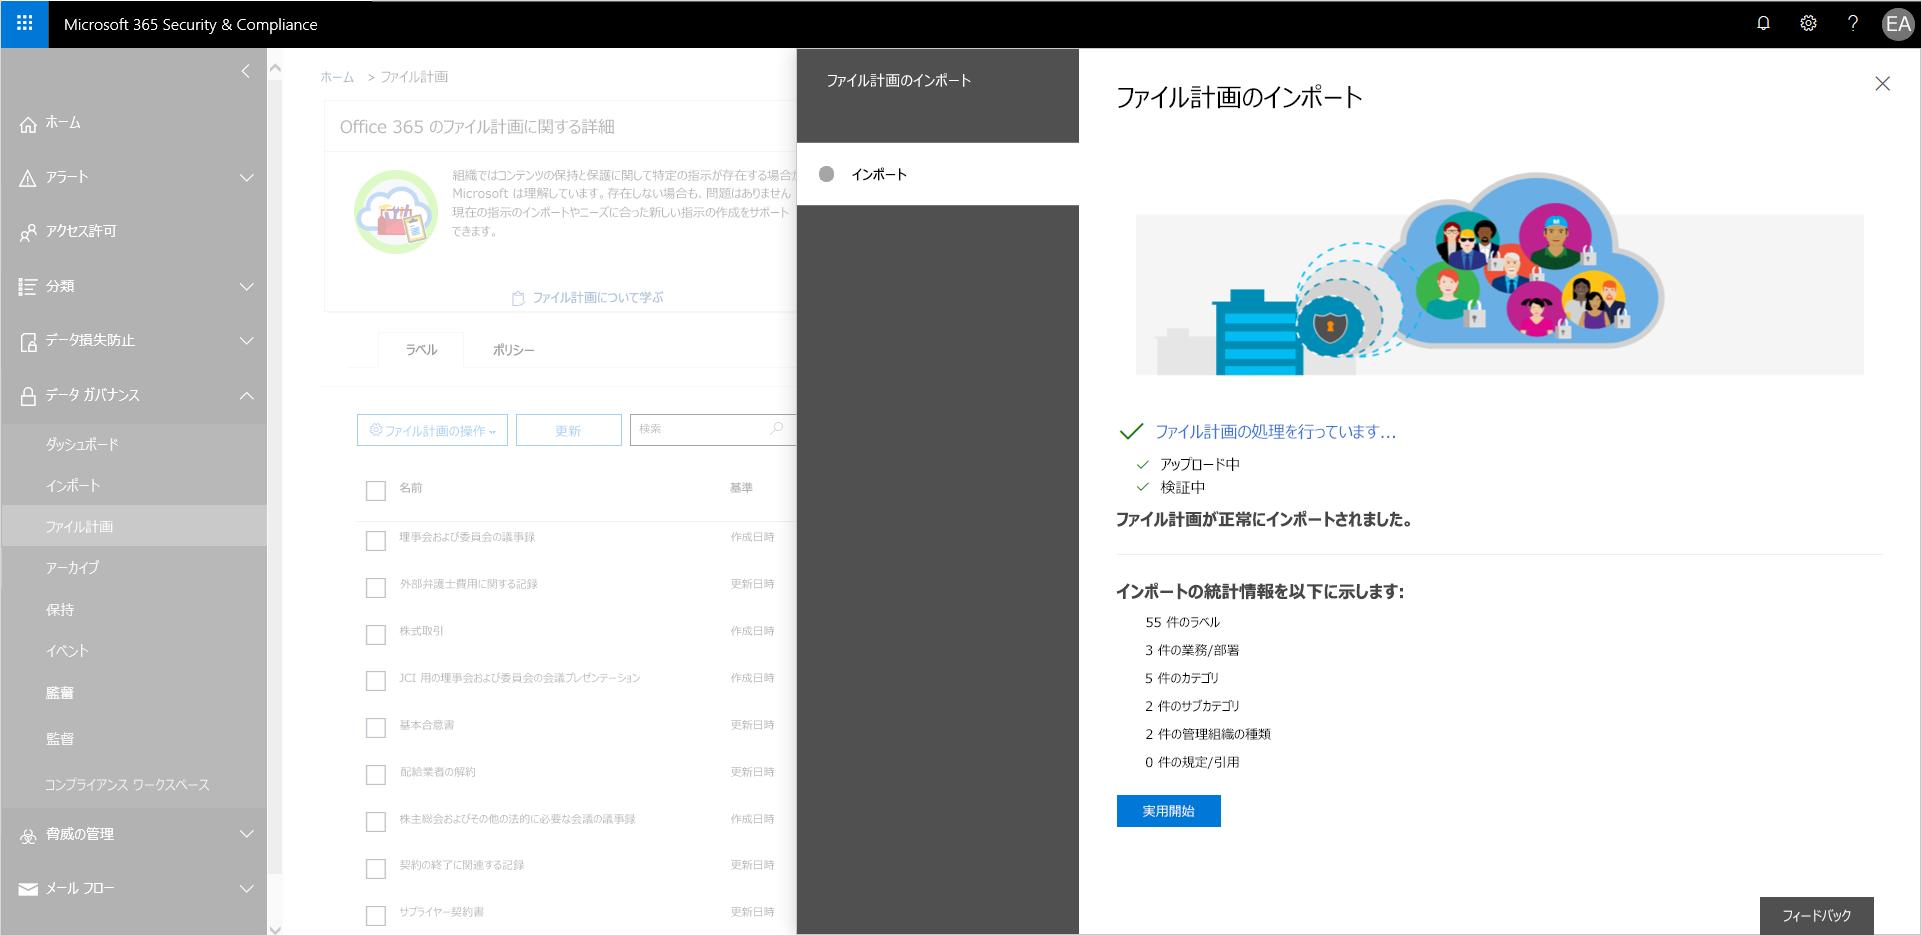 セキュリティとコンプライアンスでファイルのインポートを確認している画像。